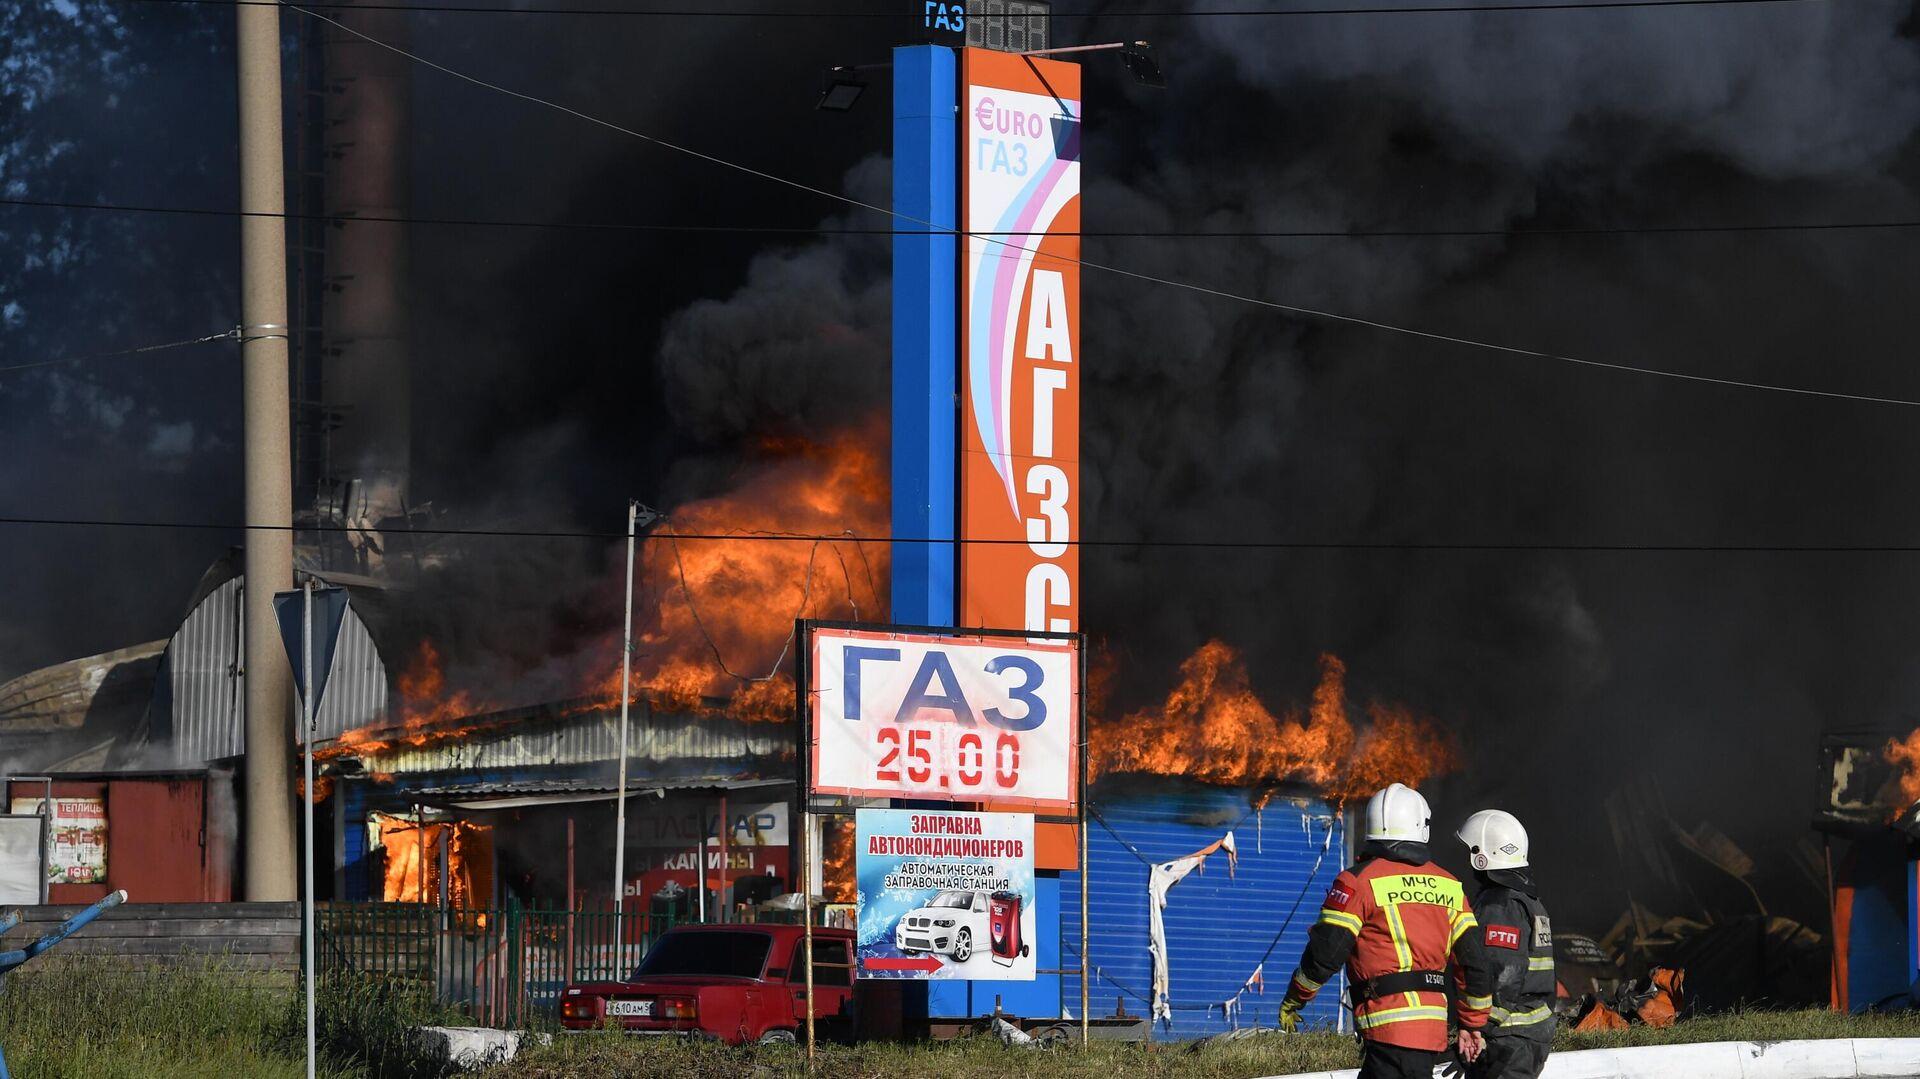 El incendio en una gasolinera de Novosibirsk - Sputnik Mundo, 1920, 14.06.2021